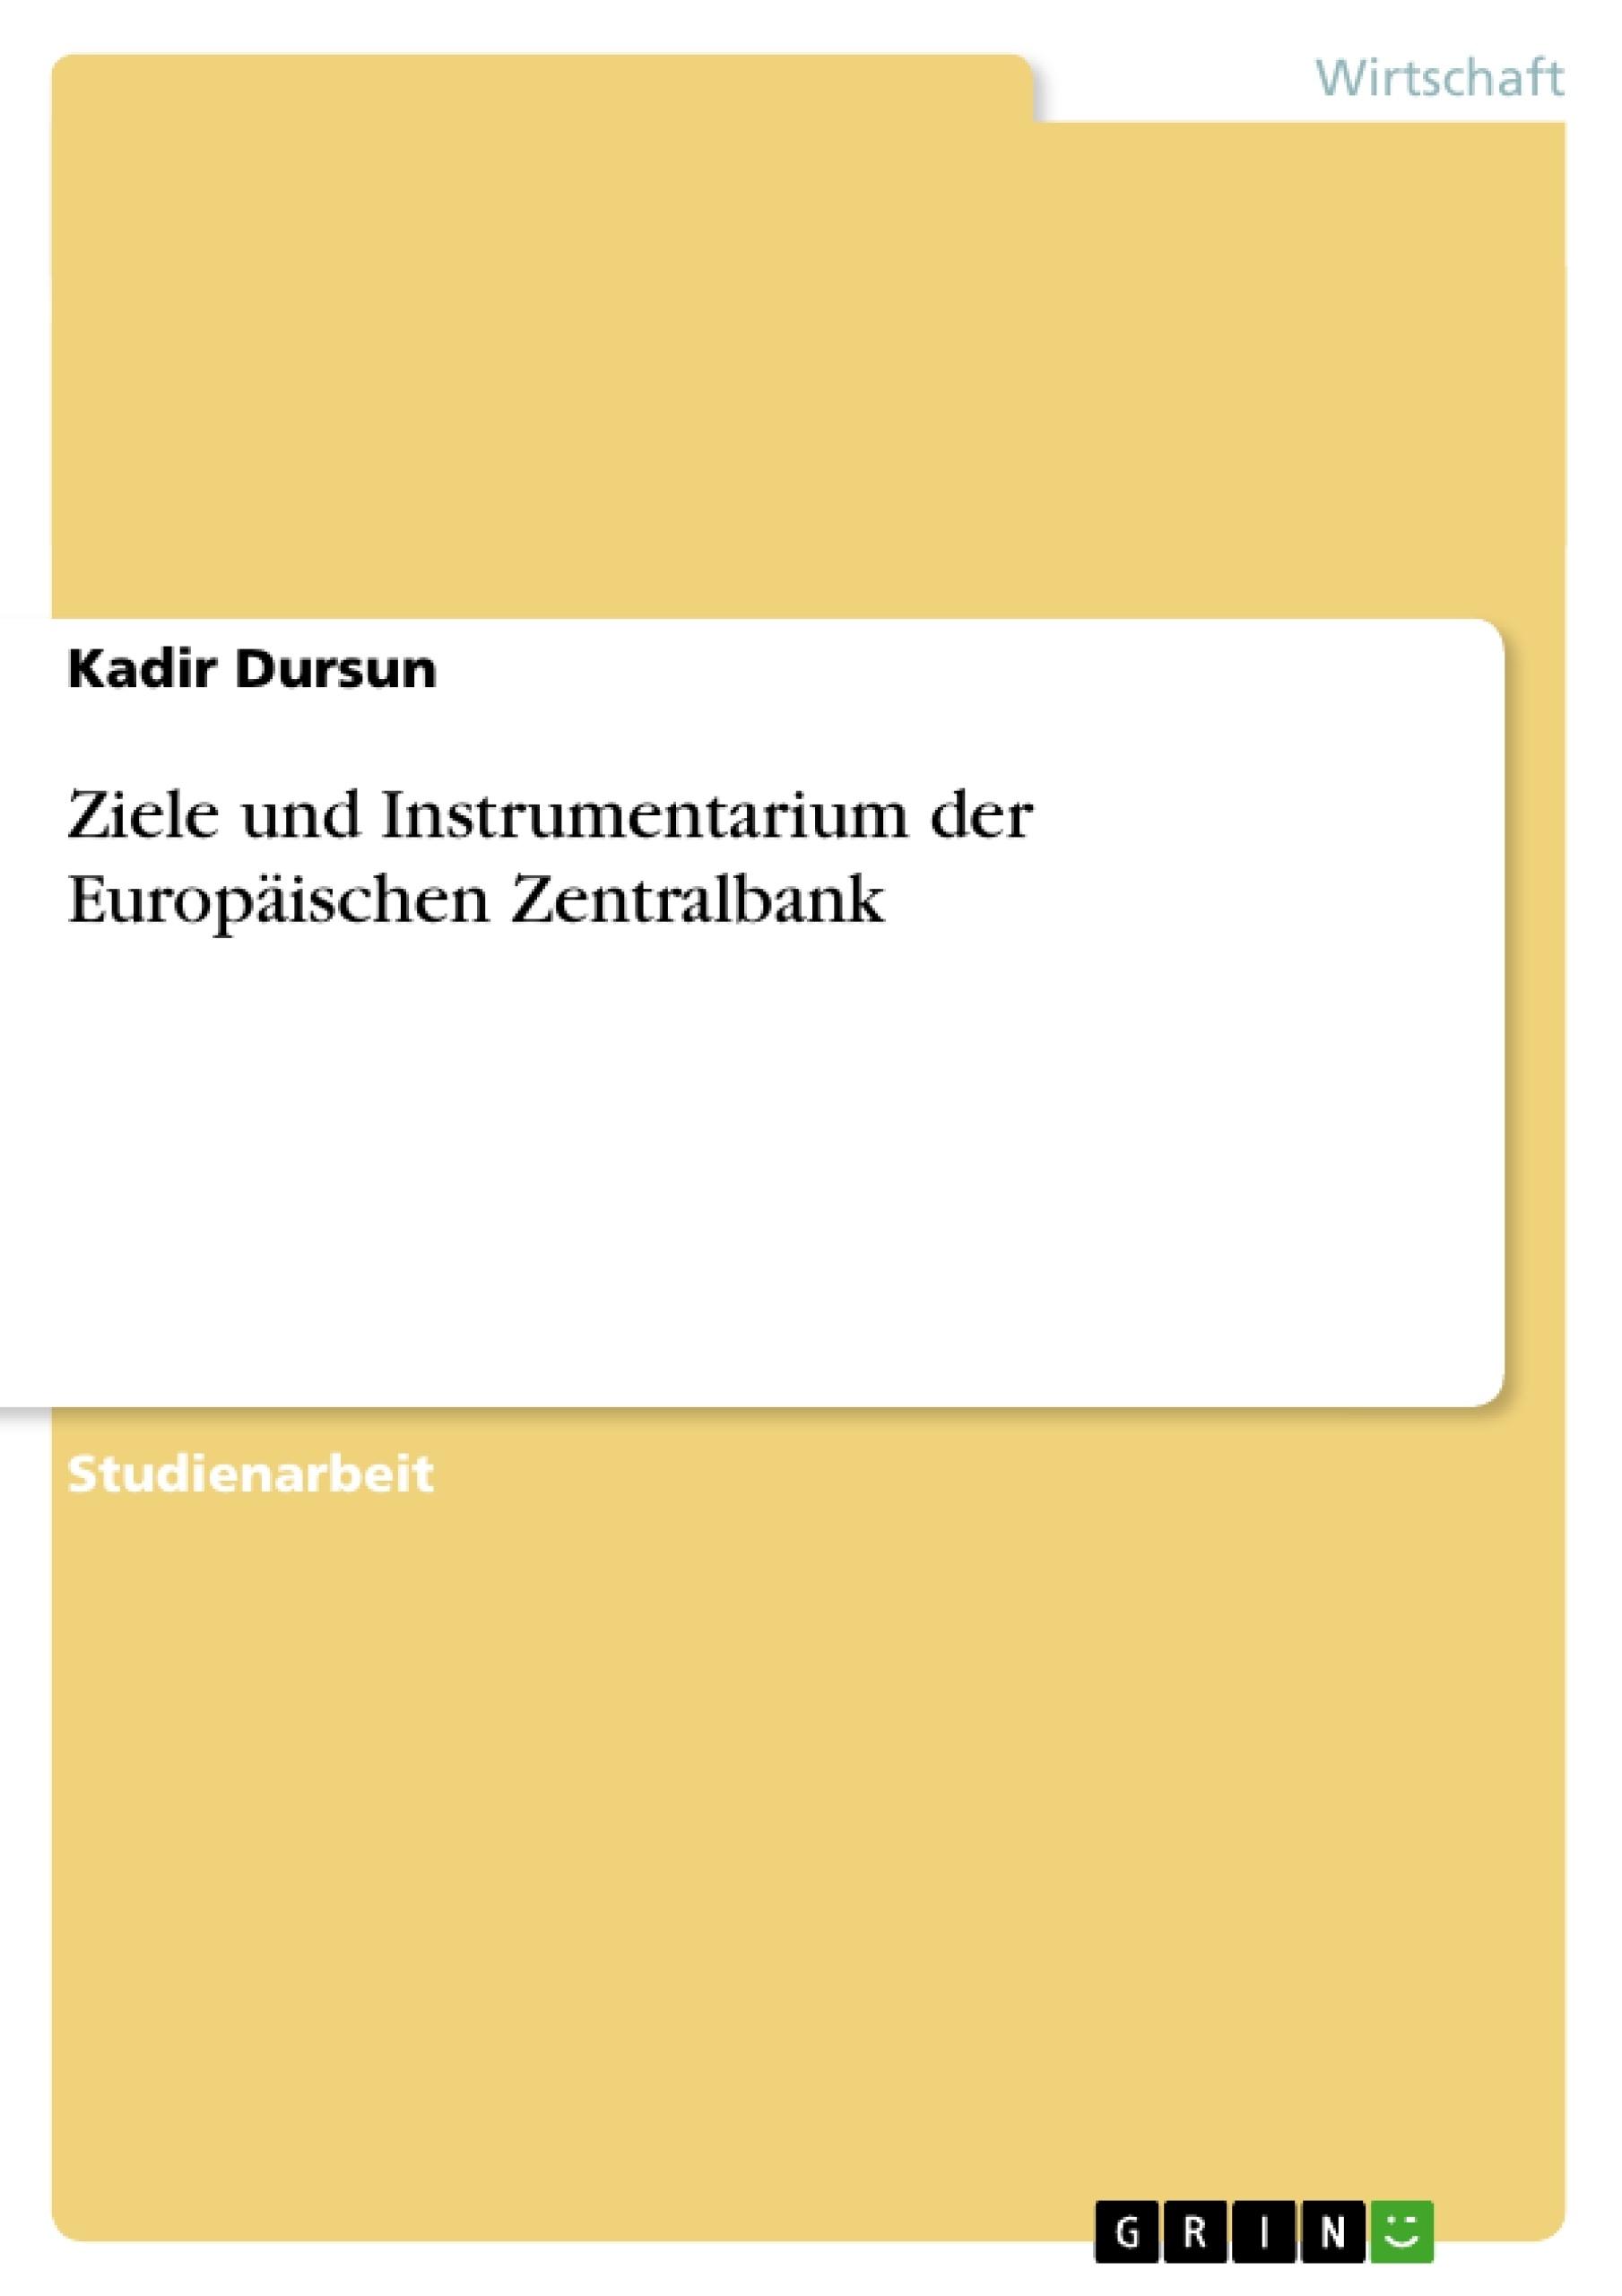 Titel: Ziele und Instrumentarium der Europäischen Zentralbank